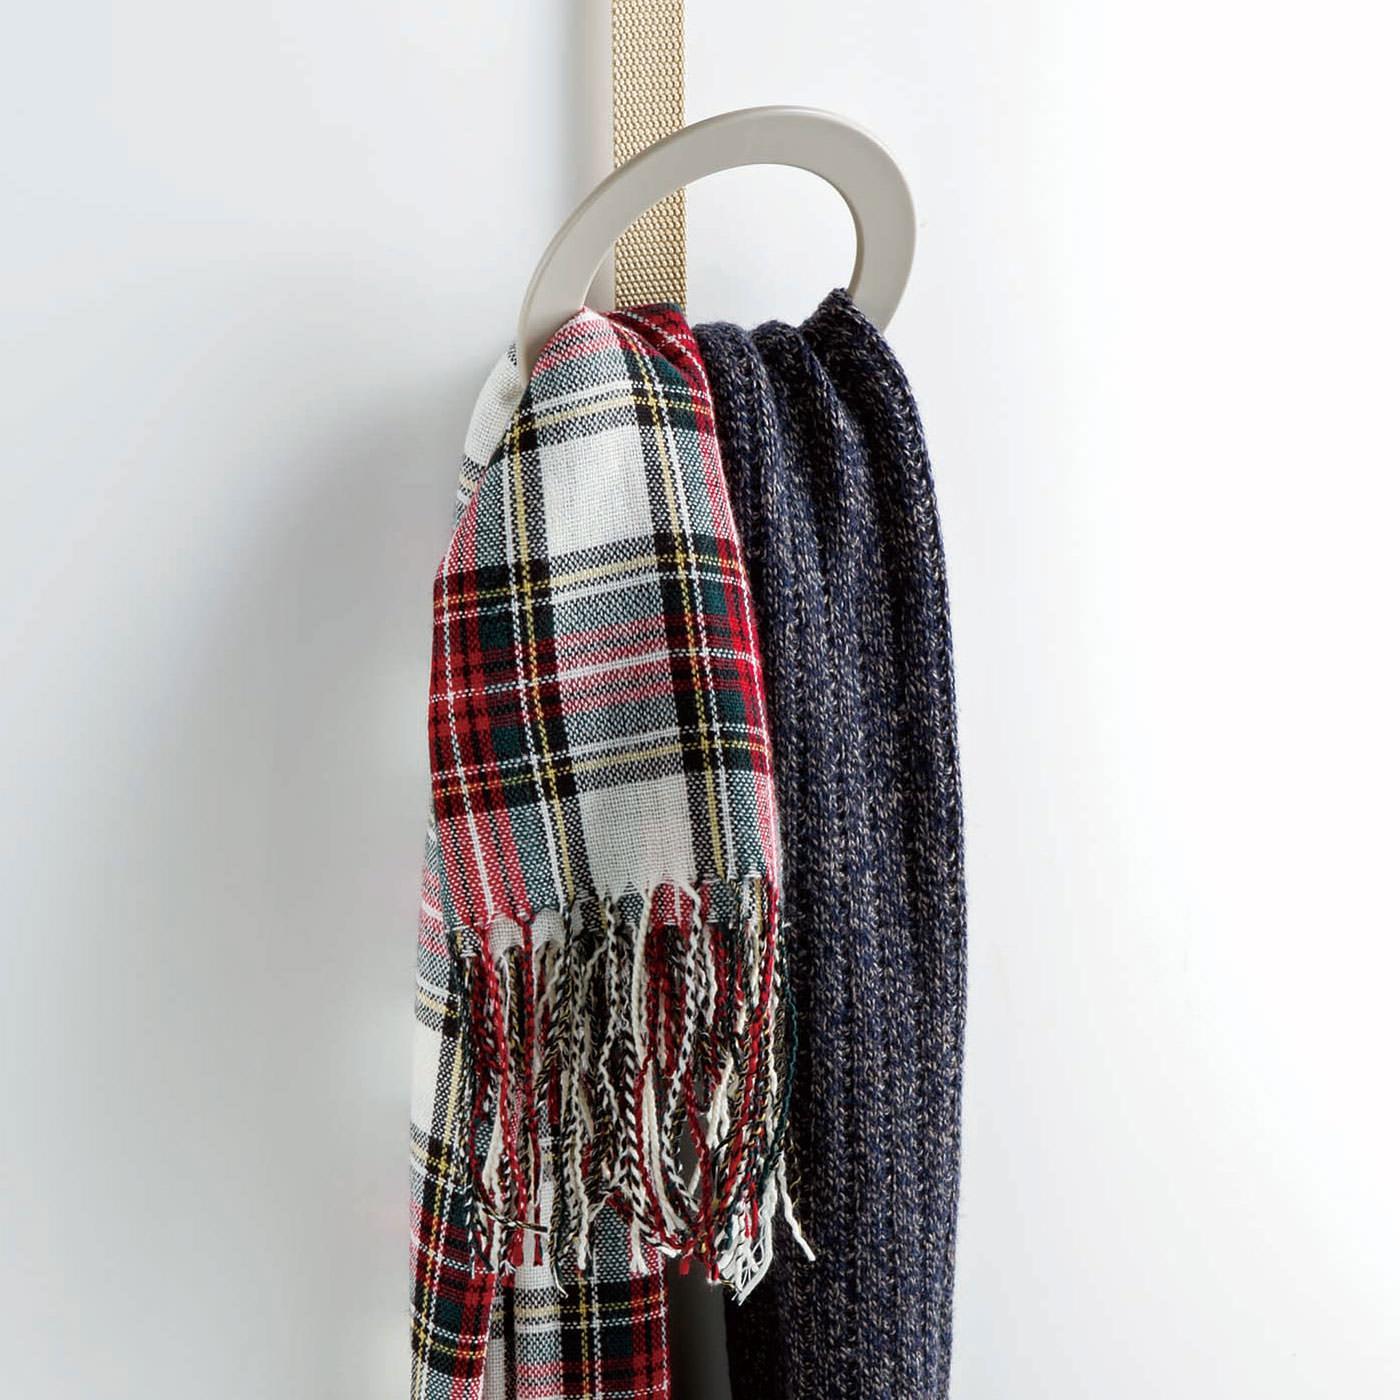 マフラーやスカーフなどの小物はリングの中に通して。